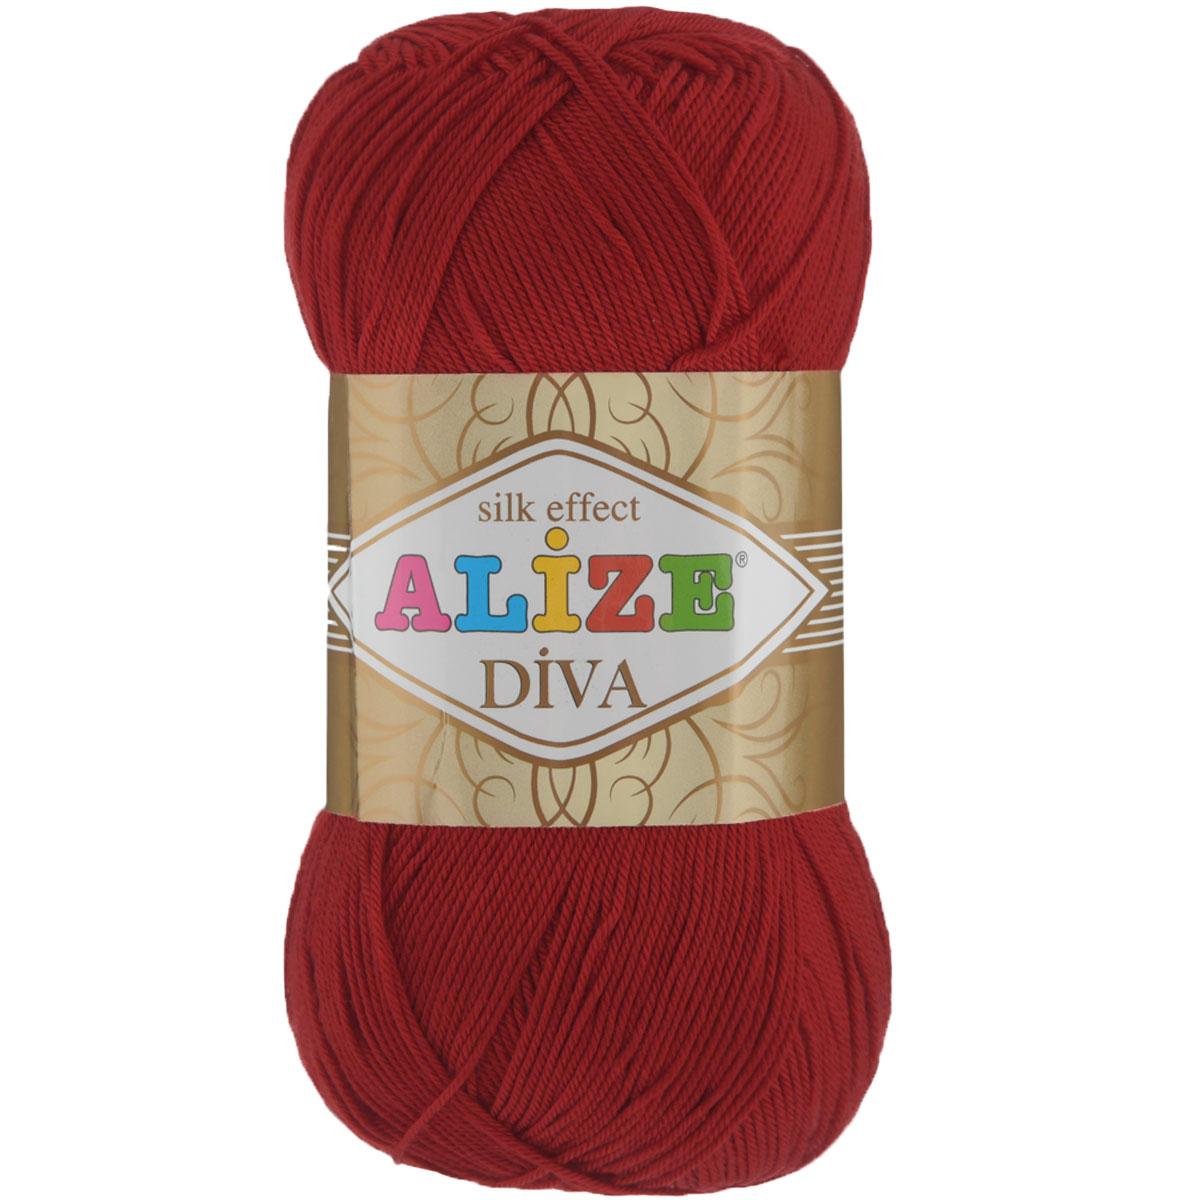 Пряжа для вязания Alize Diva, цвет: красный (106), 350 м, 100 г, 5 шт364126_106Легкая пряжа Diva с шелковым эффектом для весенних или летних вещей. Приятная на ощупь, обладающая высокой гигроскопичностью, пряжа Diva из микрофибры подойдет для самых разных вязаных изделий: сарафанов, туник, платьев, легких костюмов, кофт, шалей и накидок. Ее с одинаковым успехом можно использовать и для спиц, и для вязания крючком. В палитре большой выбор ярких цветов и пастельных мягких оттенков. Не стоит с предубеждением относиться к искусственной пряже, ведь она обладает целым рядом преимуществ. За изделиями из пряжи Diva проще ухаживать, они не подвержены скатыванию, не вызывают аллергии, не собирают пыль, не линяют и не оставляют ворсинок на другой одежде. Рекомендованные спицы № 2,5-3,5, крючок № 1-3. Состав: 100% микрофибра.